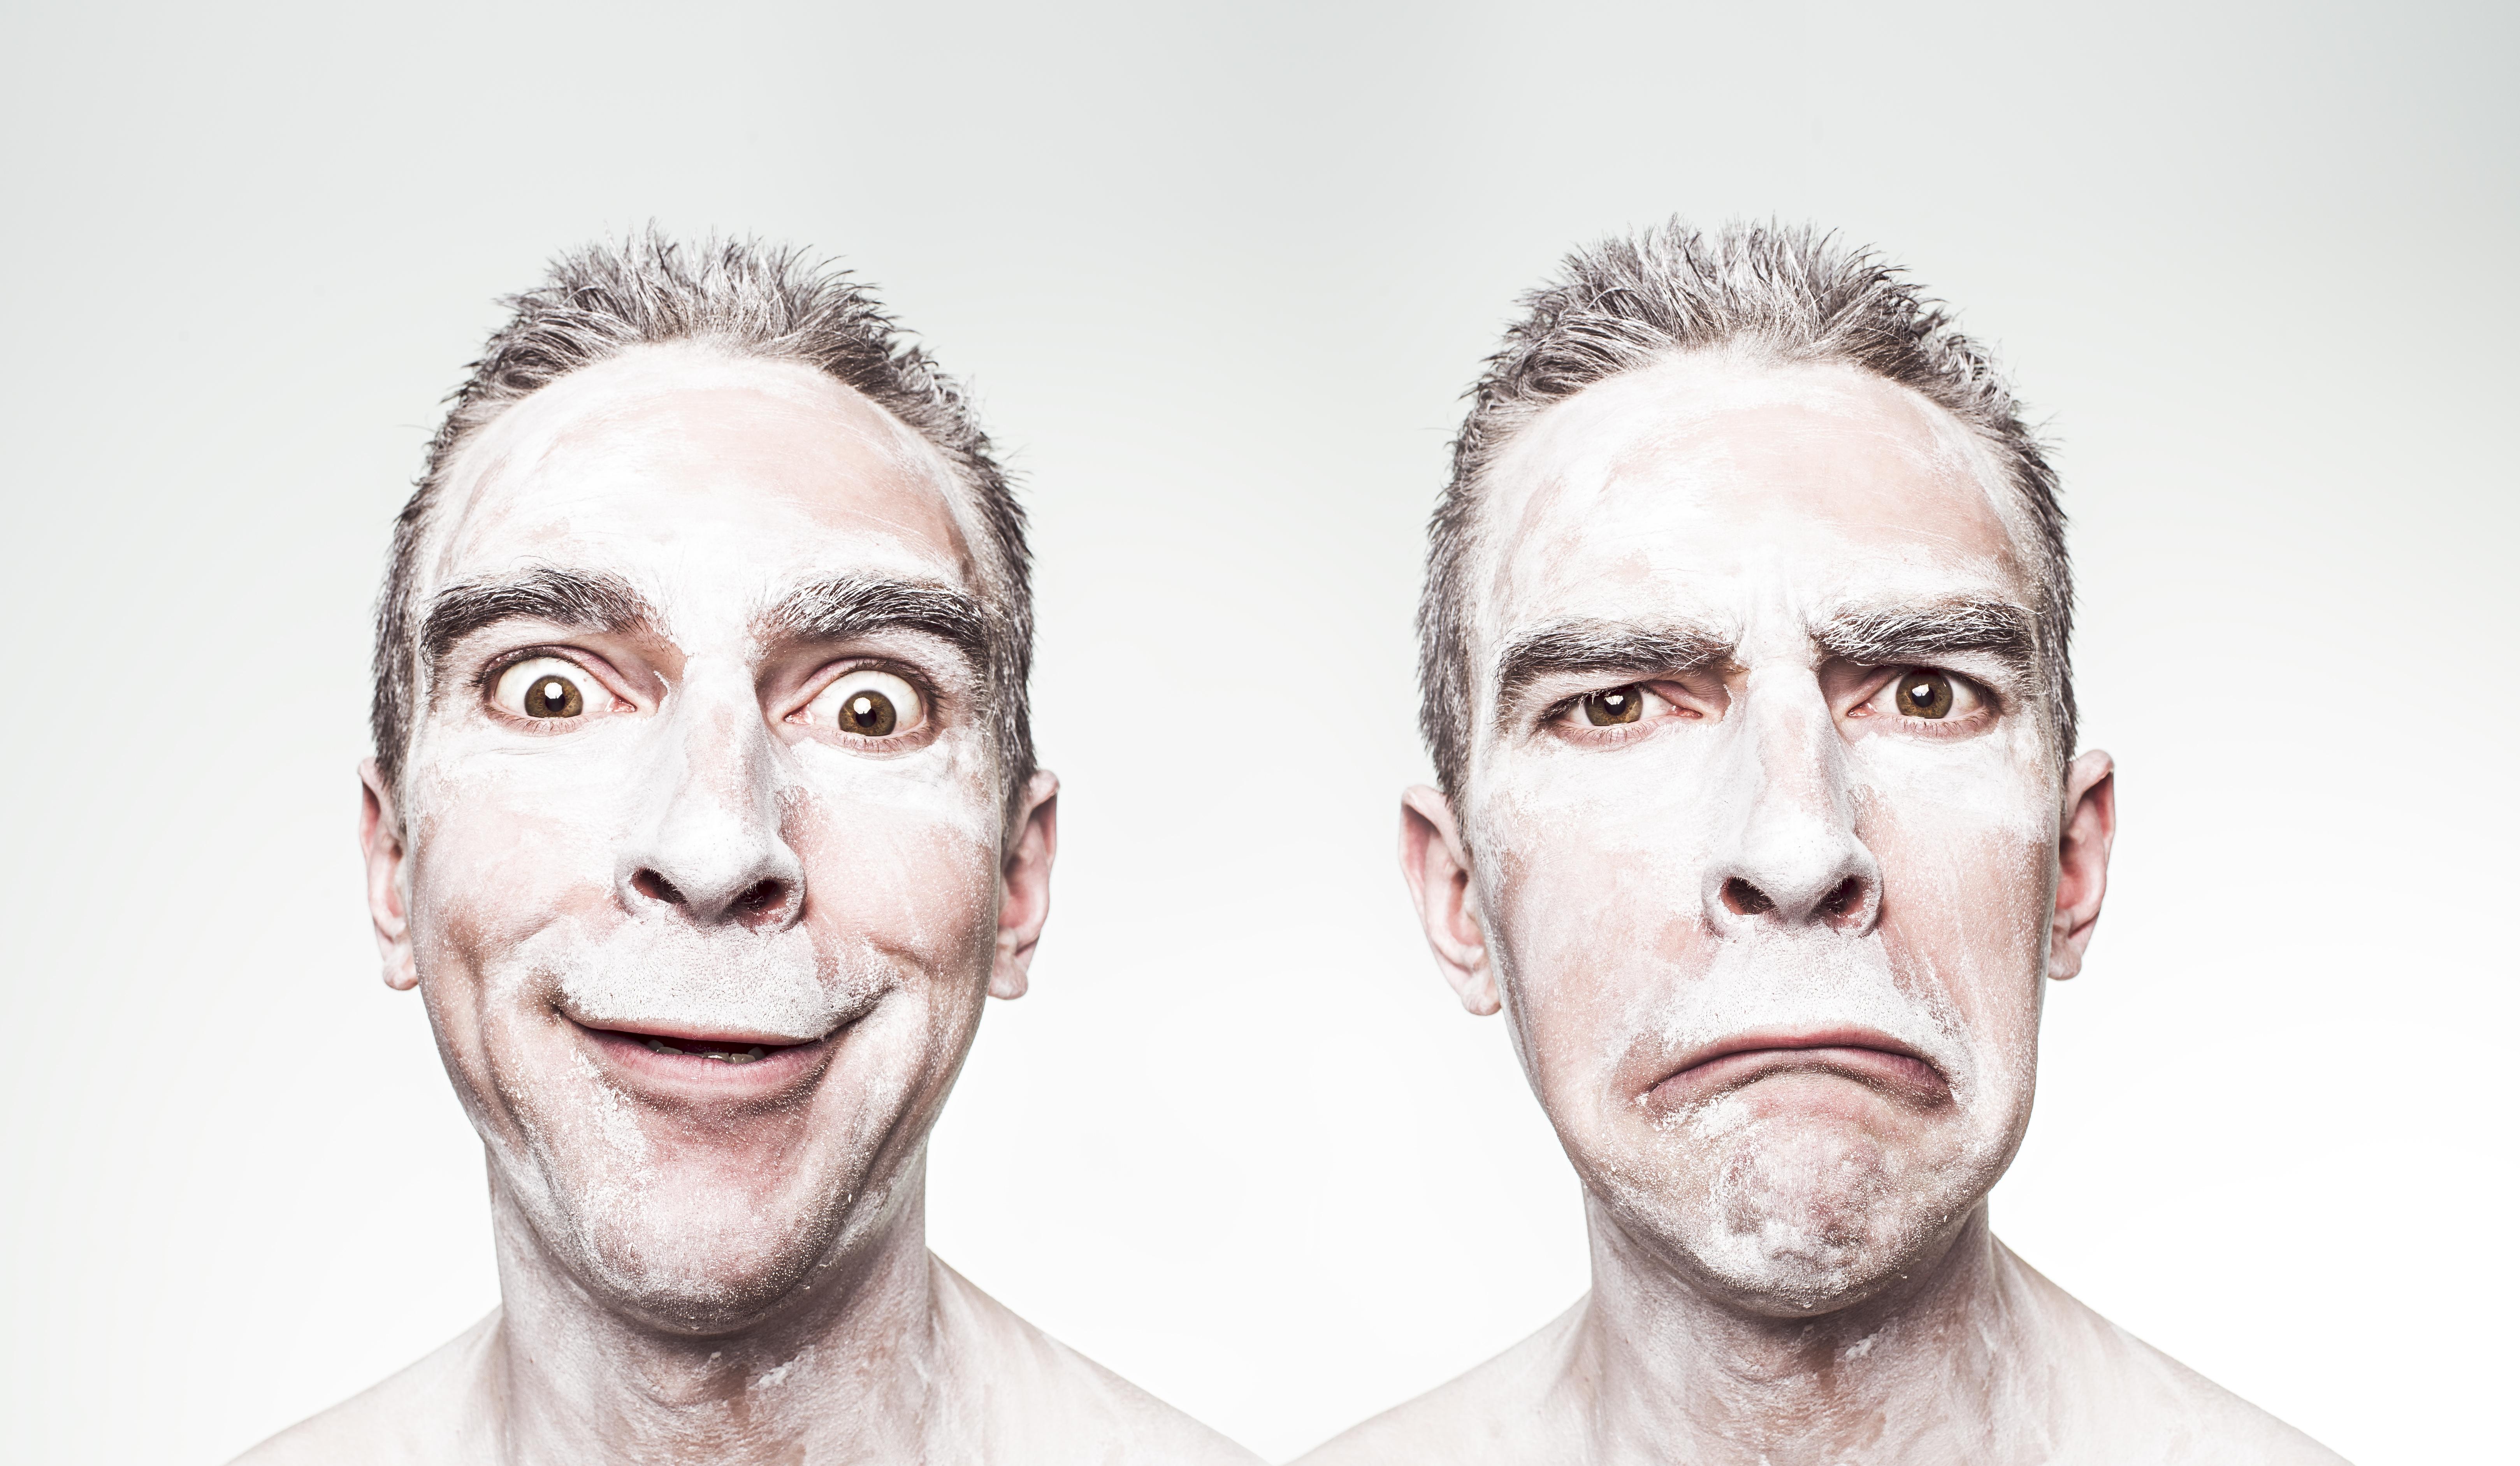 顔が汚れている男性の画像